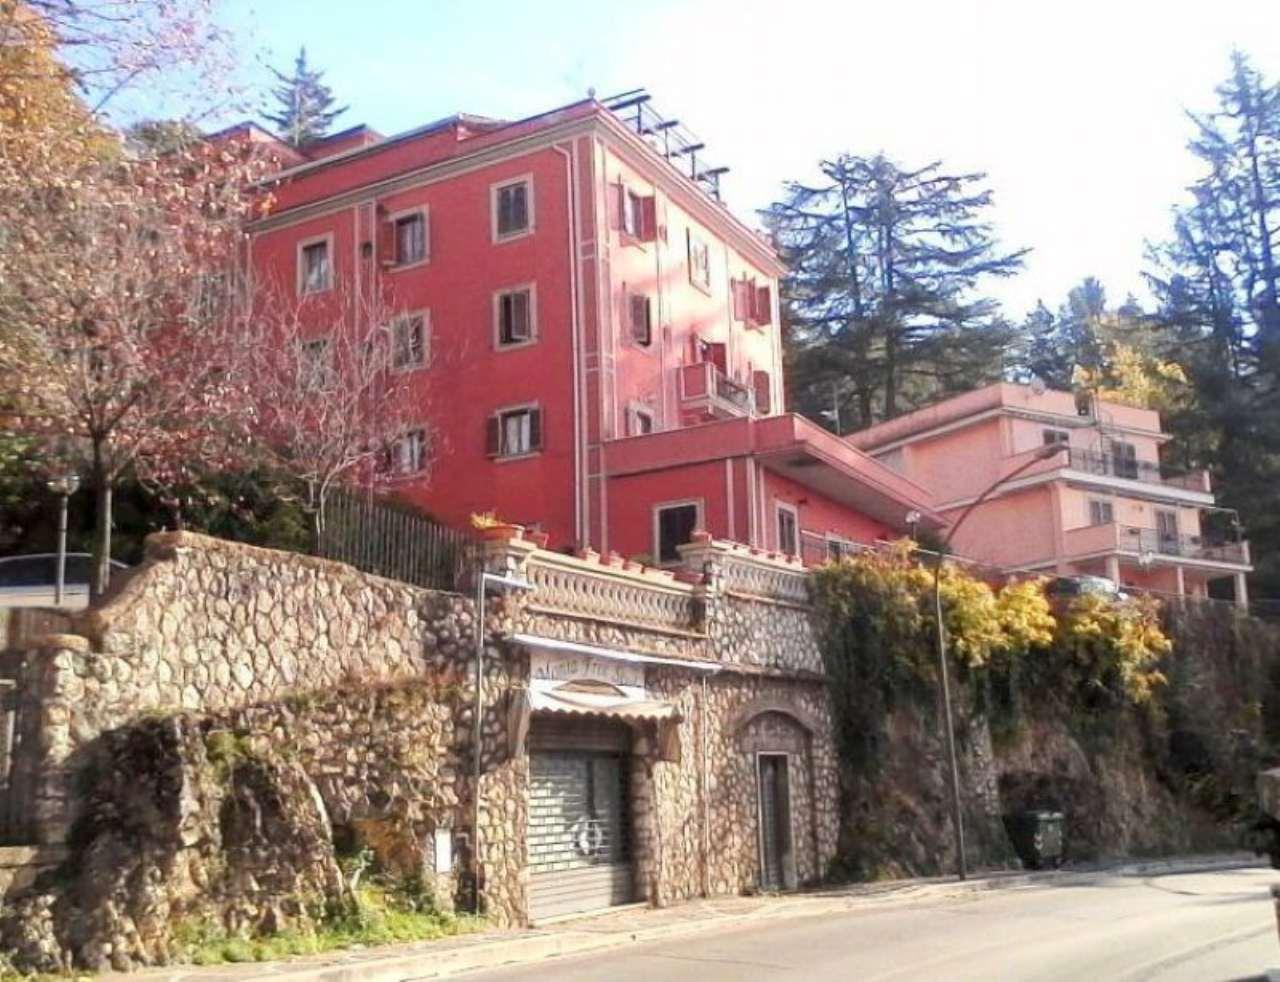 Appartamento in vendita a Fiuggi, 2 locali, prezzo € 44.000 | CambioCasa.it